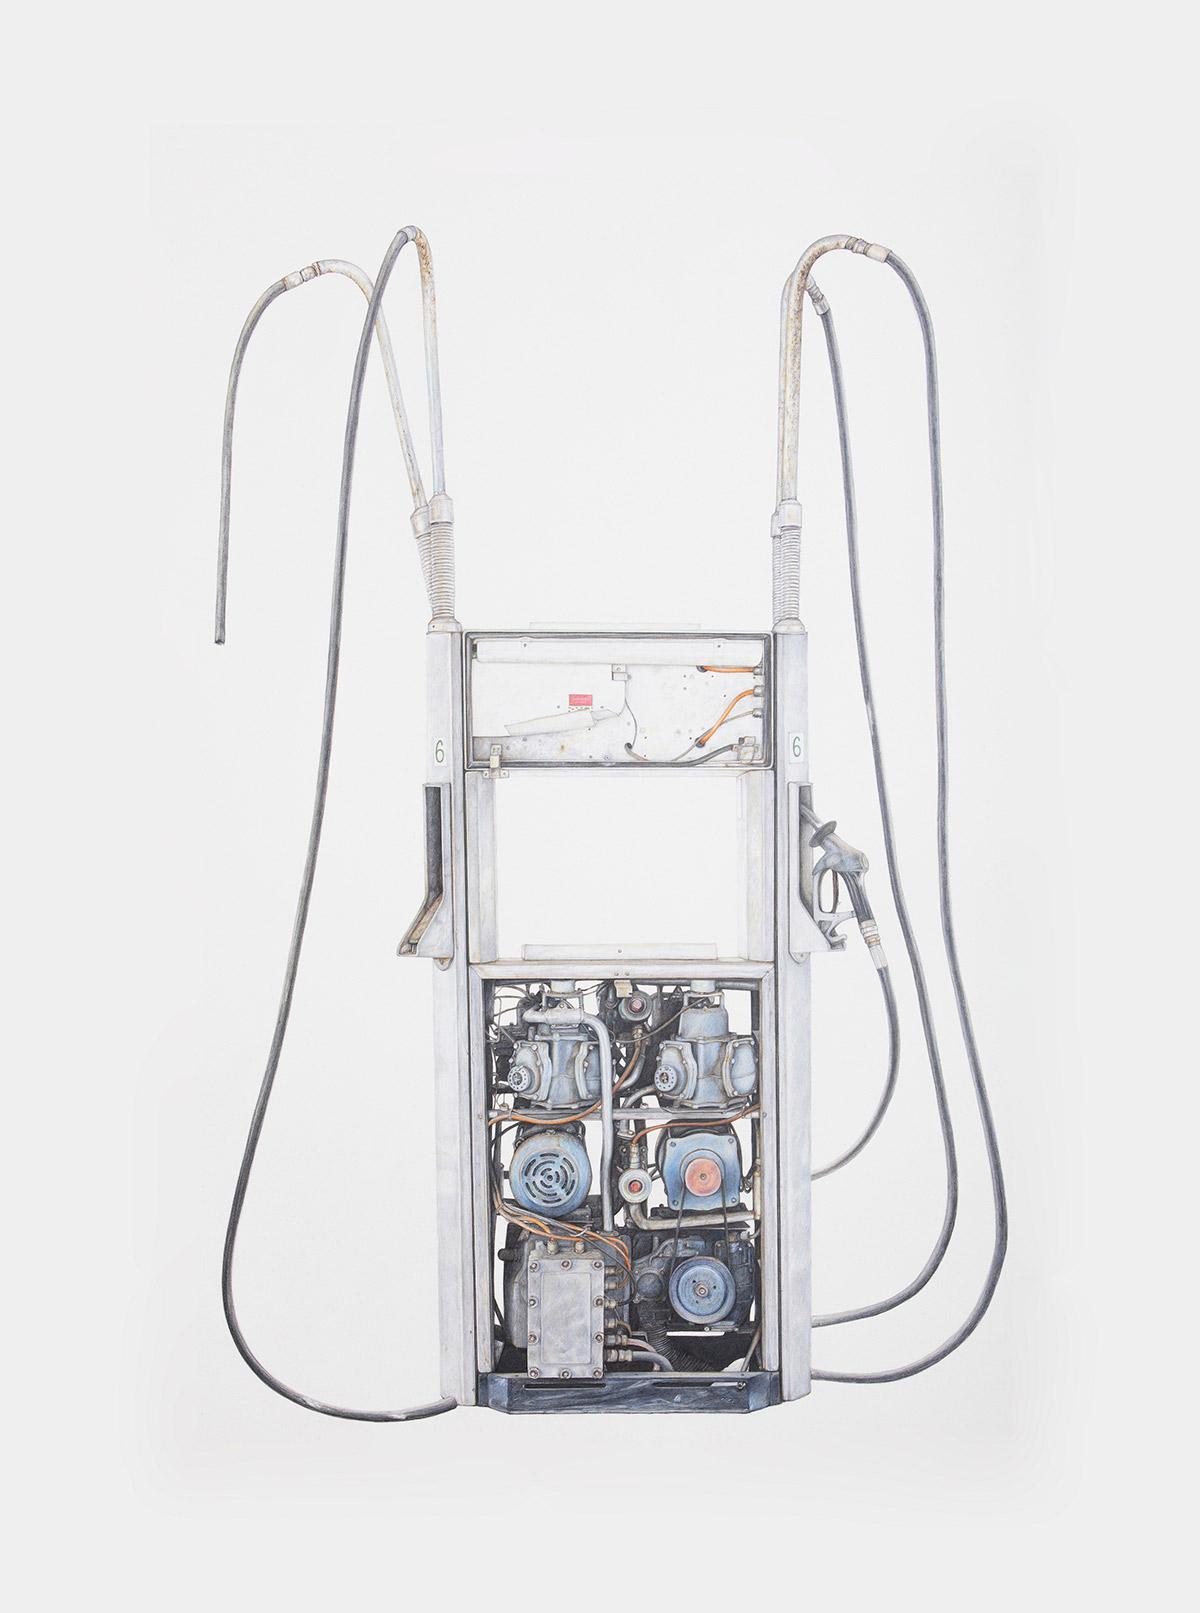 Artista em Destaque: Paul White Artes & contextos White5